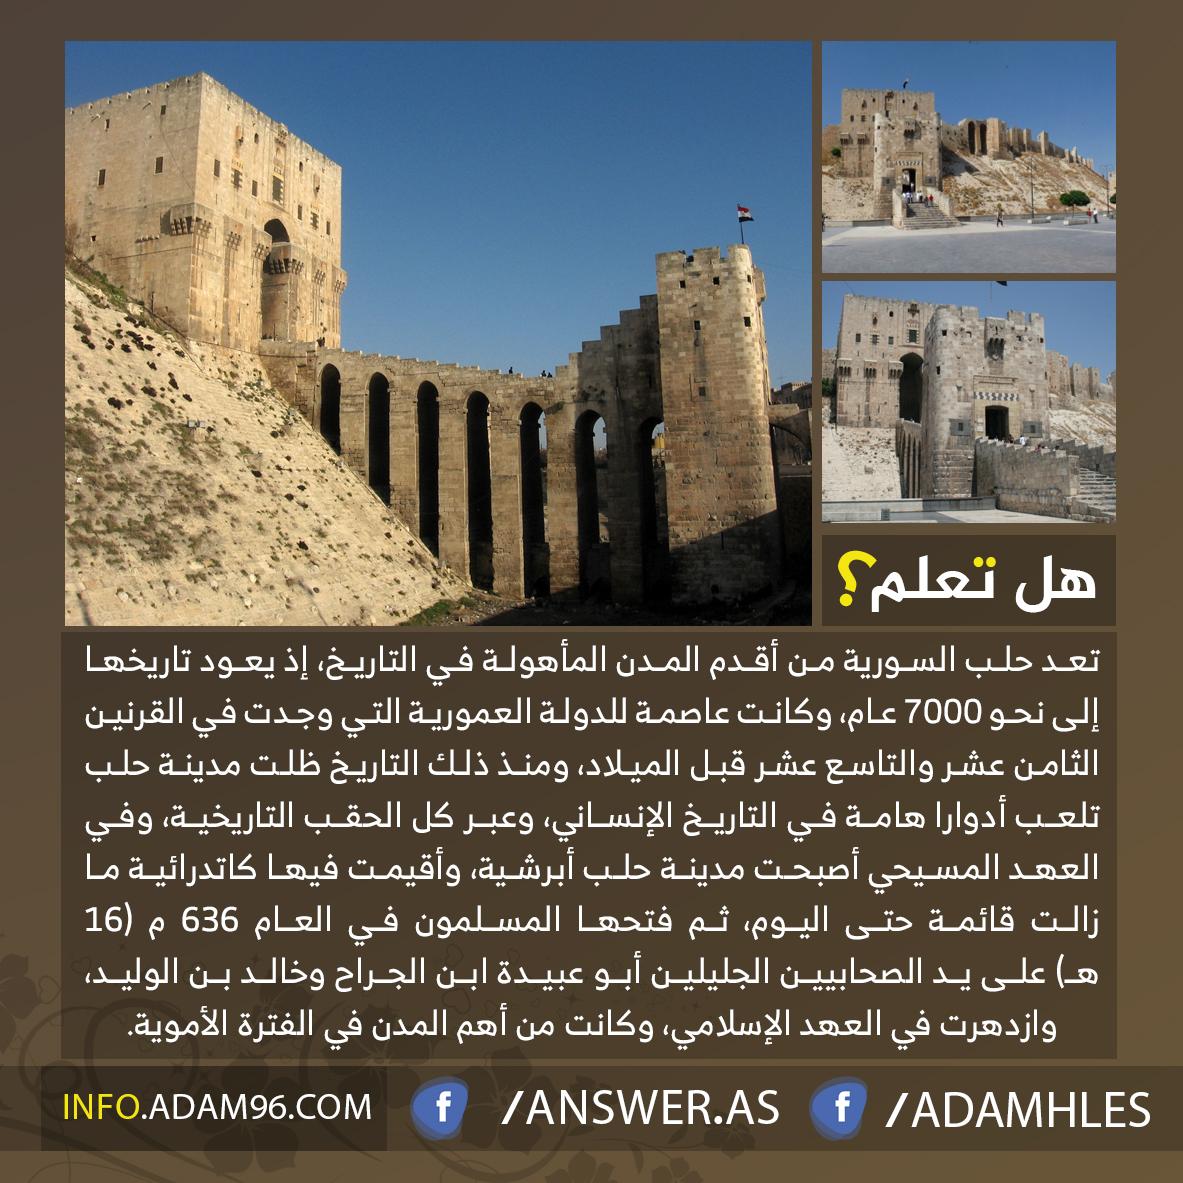 معلومات عن اقدم مدينة في العالم عمرها 7 الاف عام - حلب سوريا